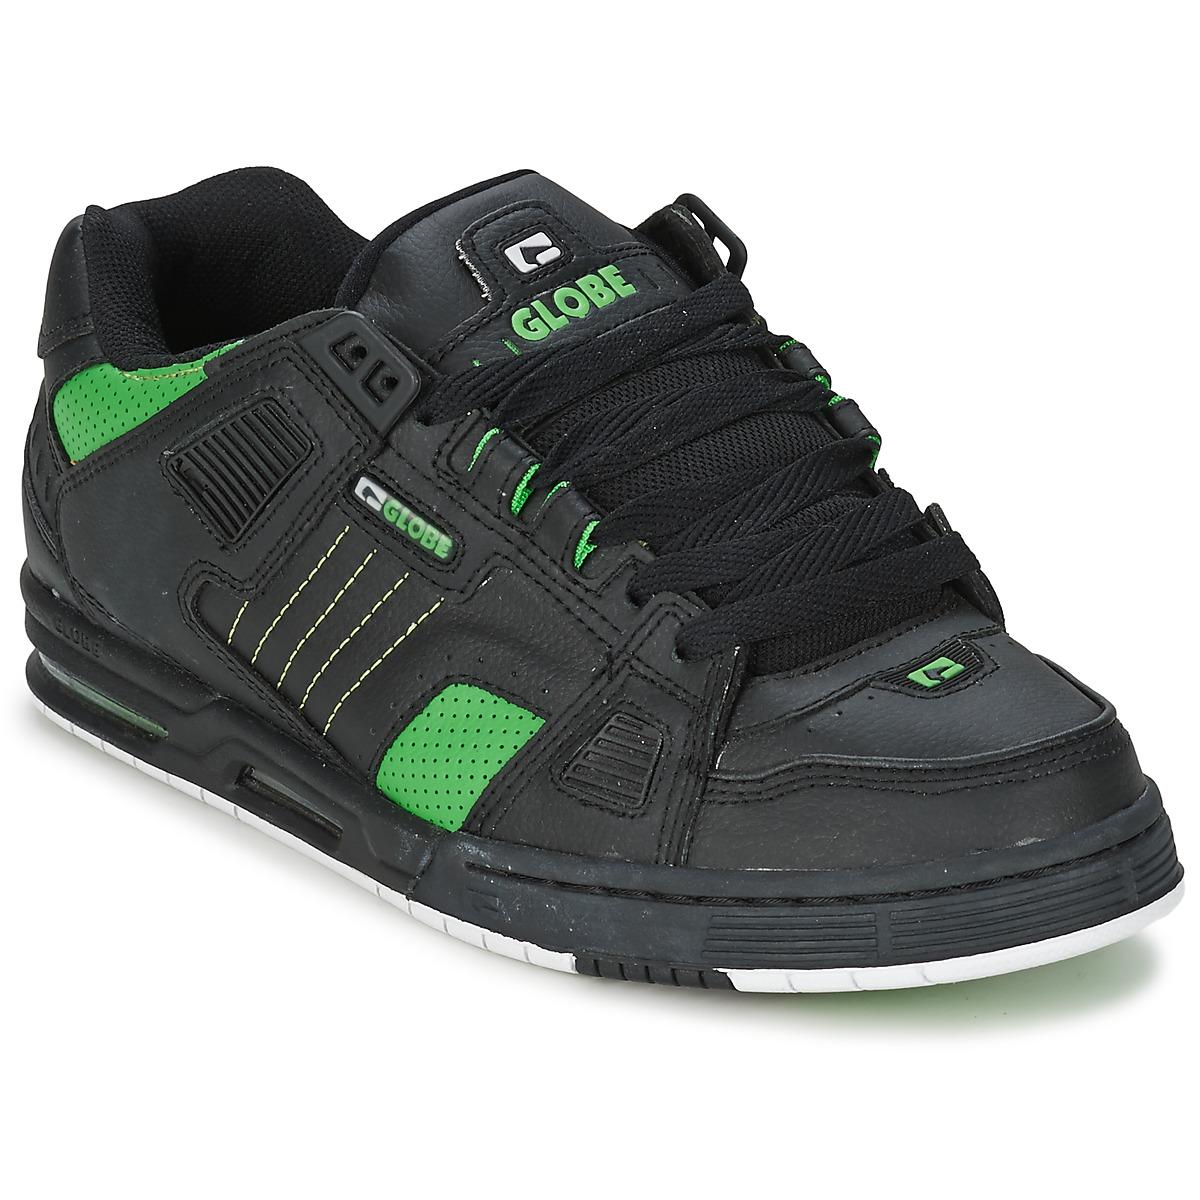 Globe SABRE Noir   Vert - Livraison Gratuite avec Spartoo.com ! -  Chaussures Baskets basses Homme 87,20 € 730080ec0ef3